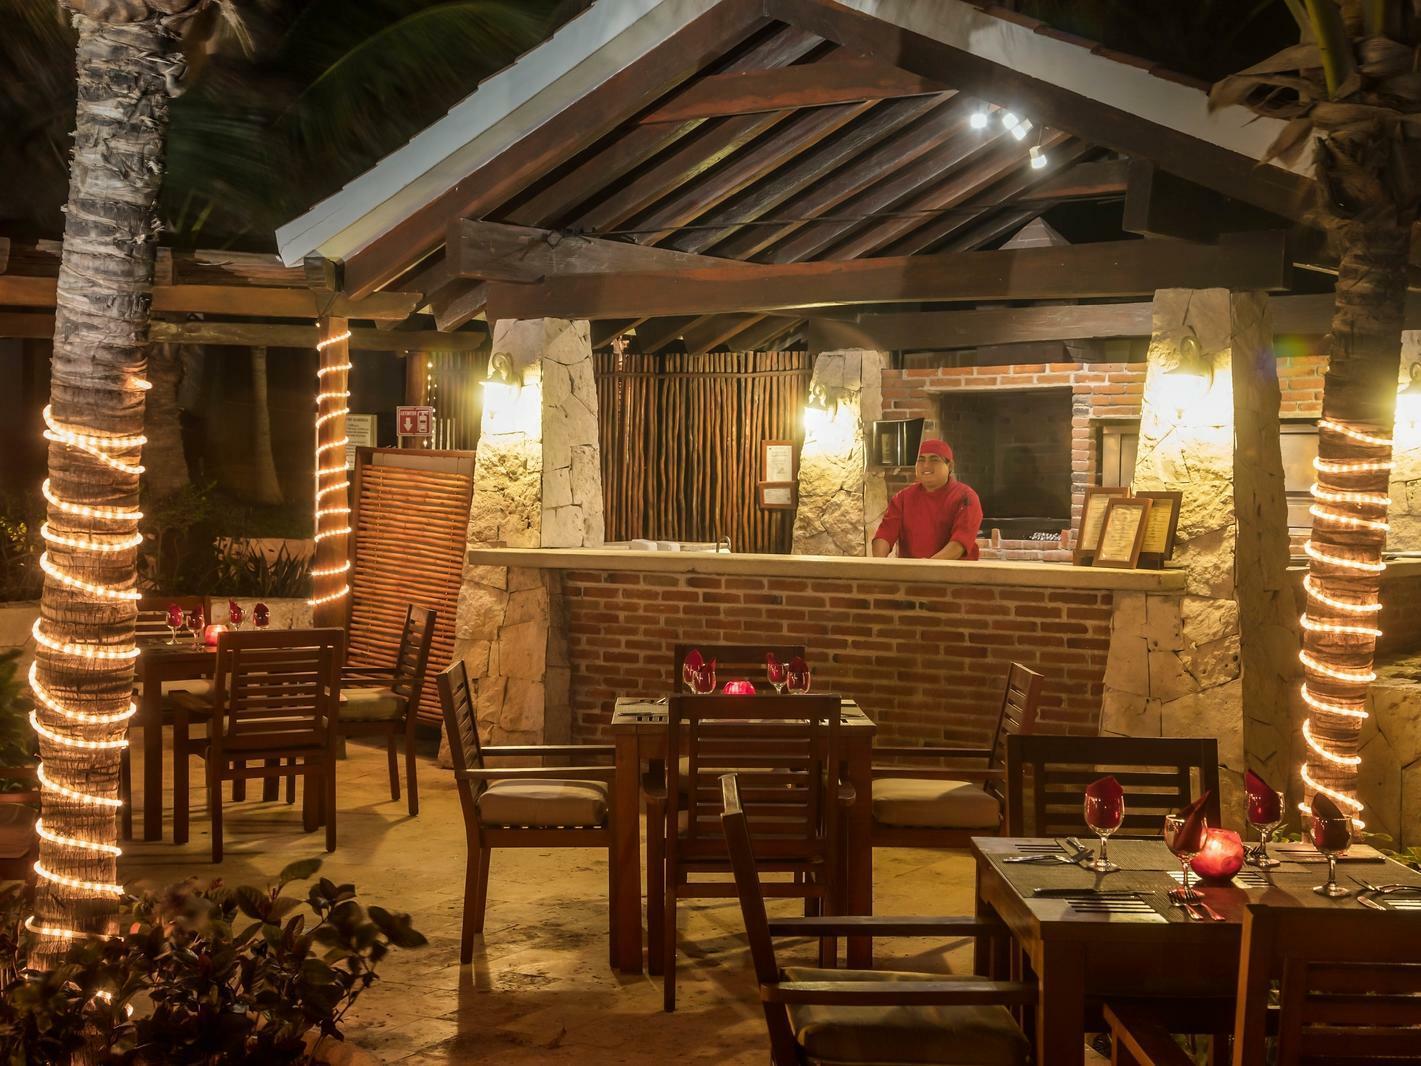 outdoor bar/restaurant at night